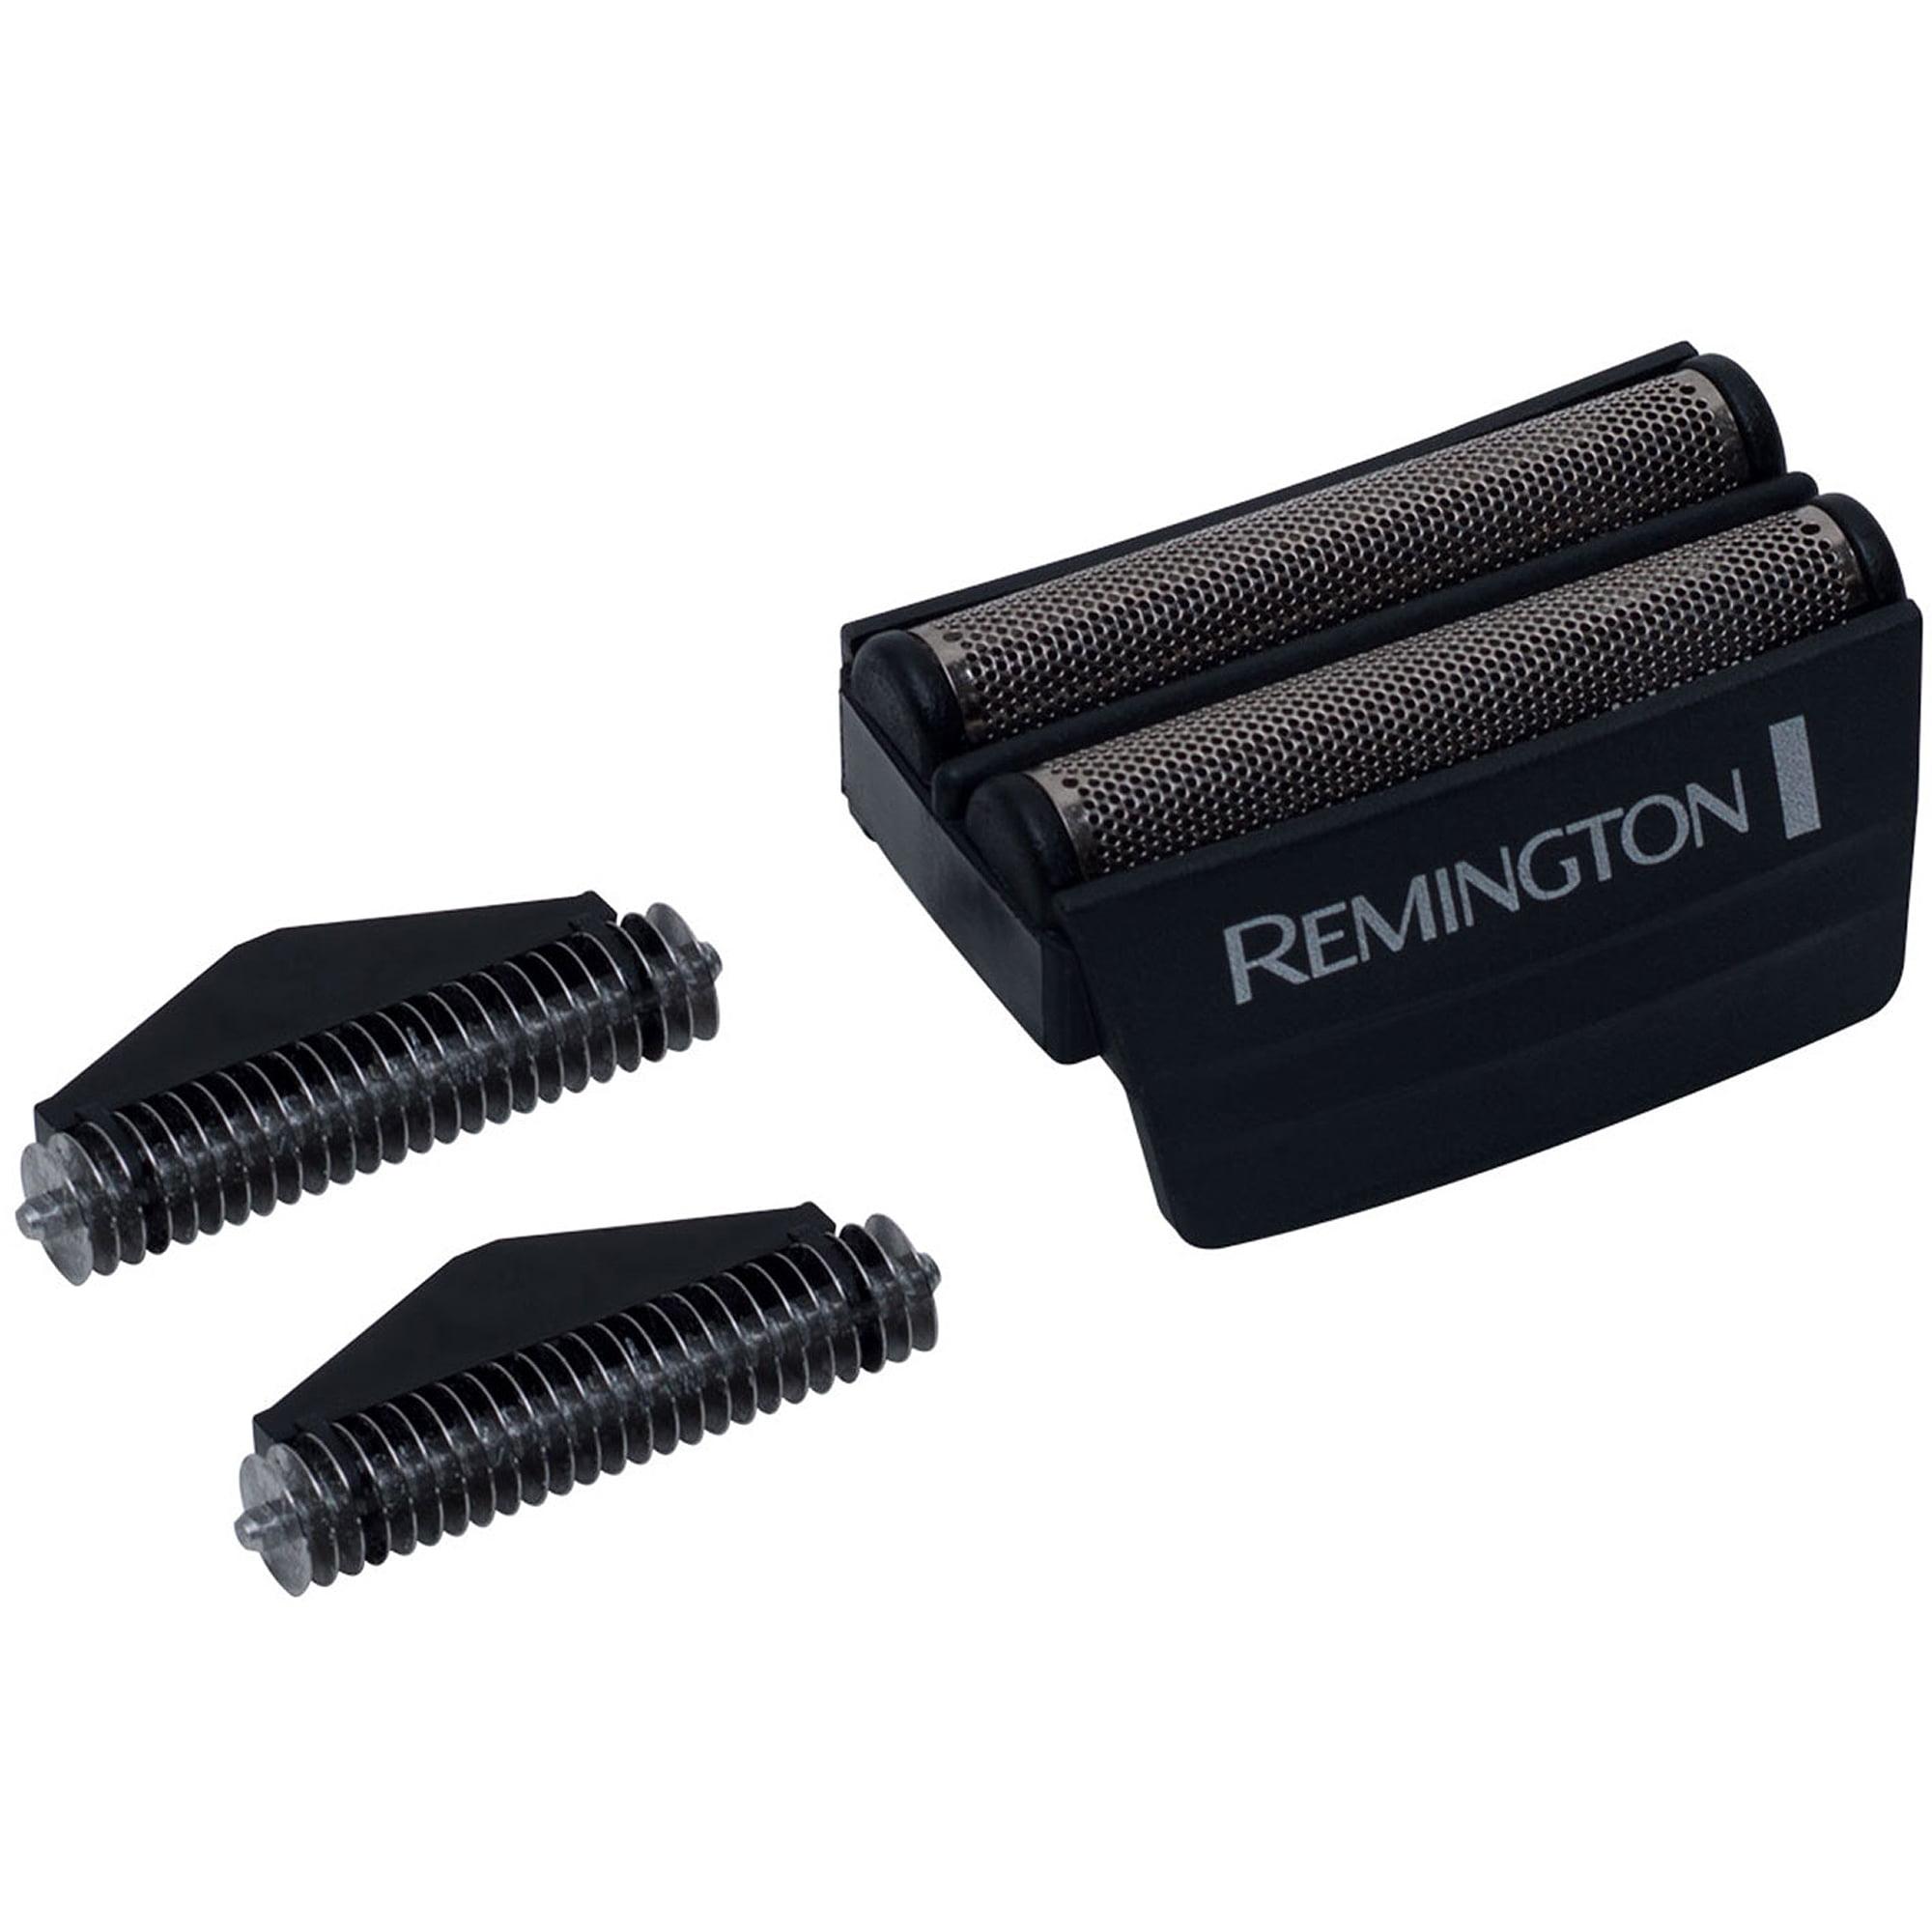 Otros Remington SPF-200 hoja y cortador de repuesto para máquinas de afeitar de hoja F4800 + Remington en Veo y Compro